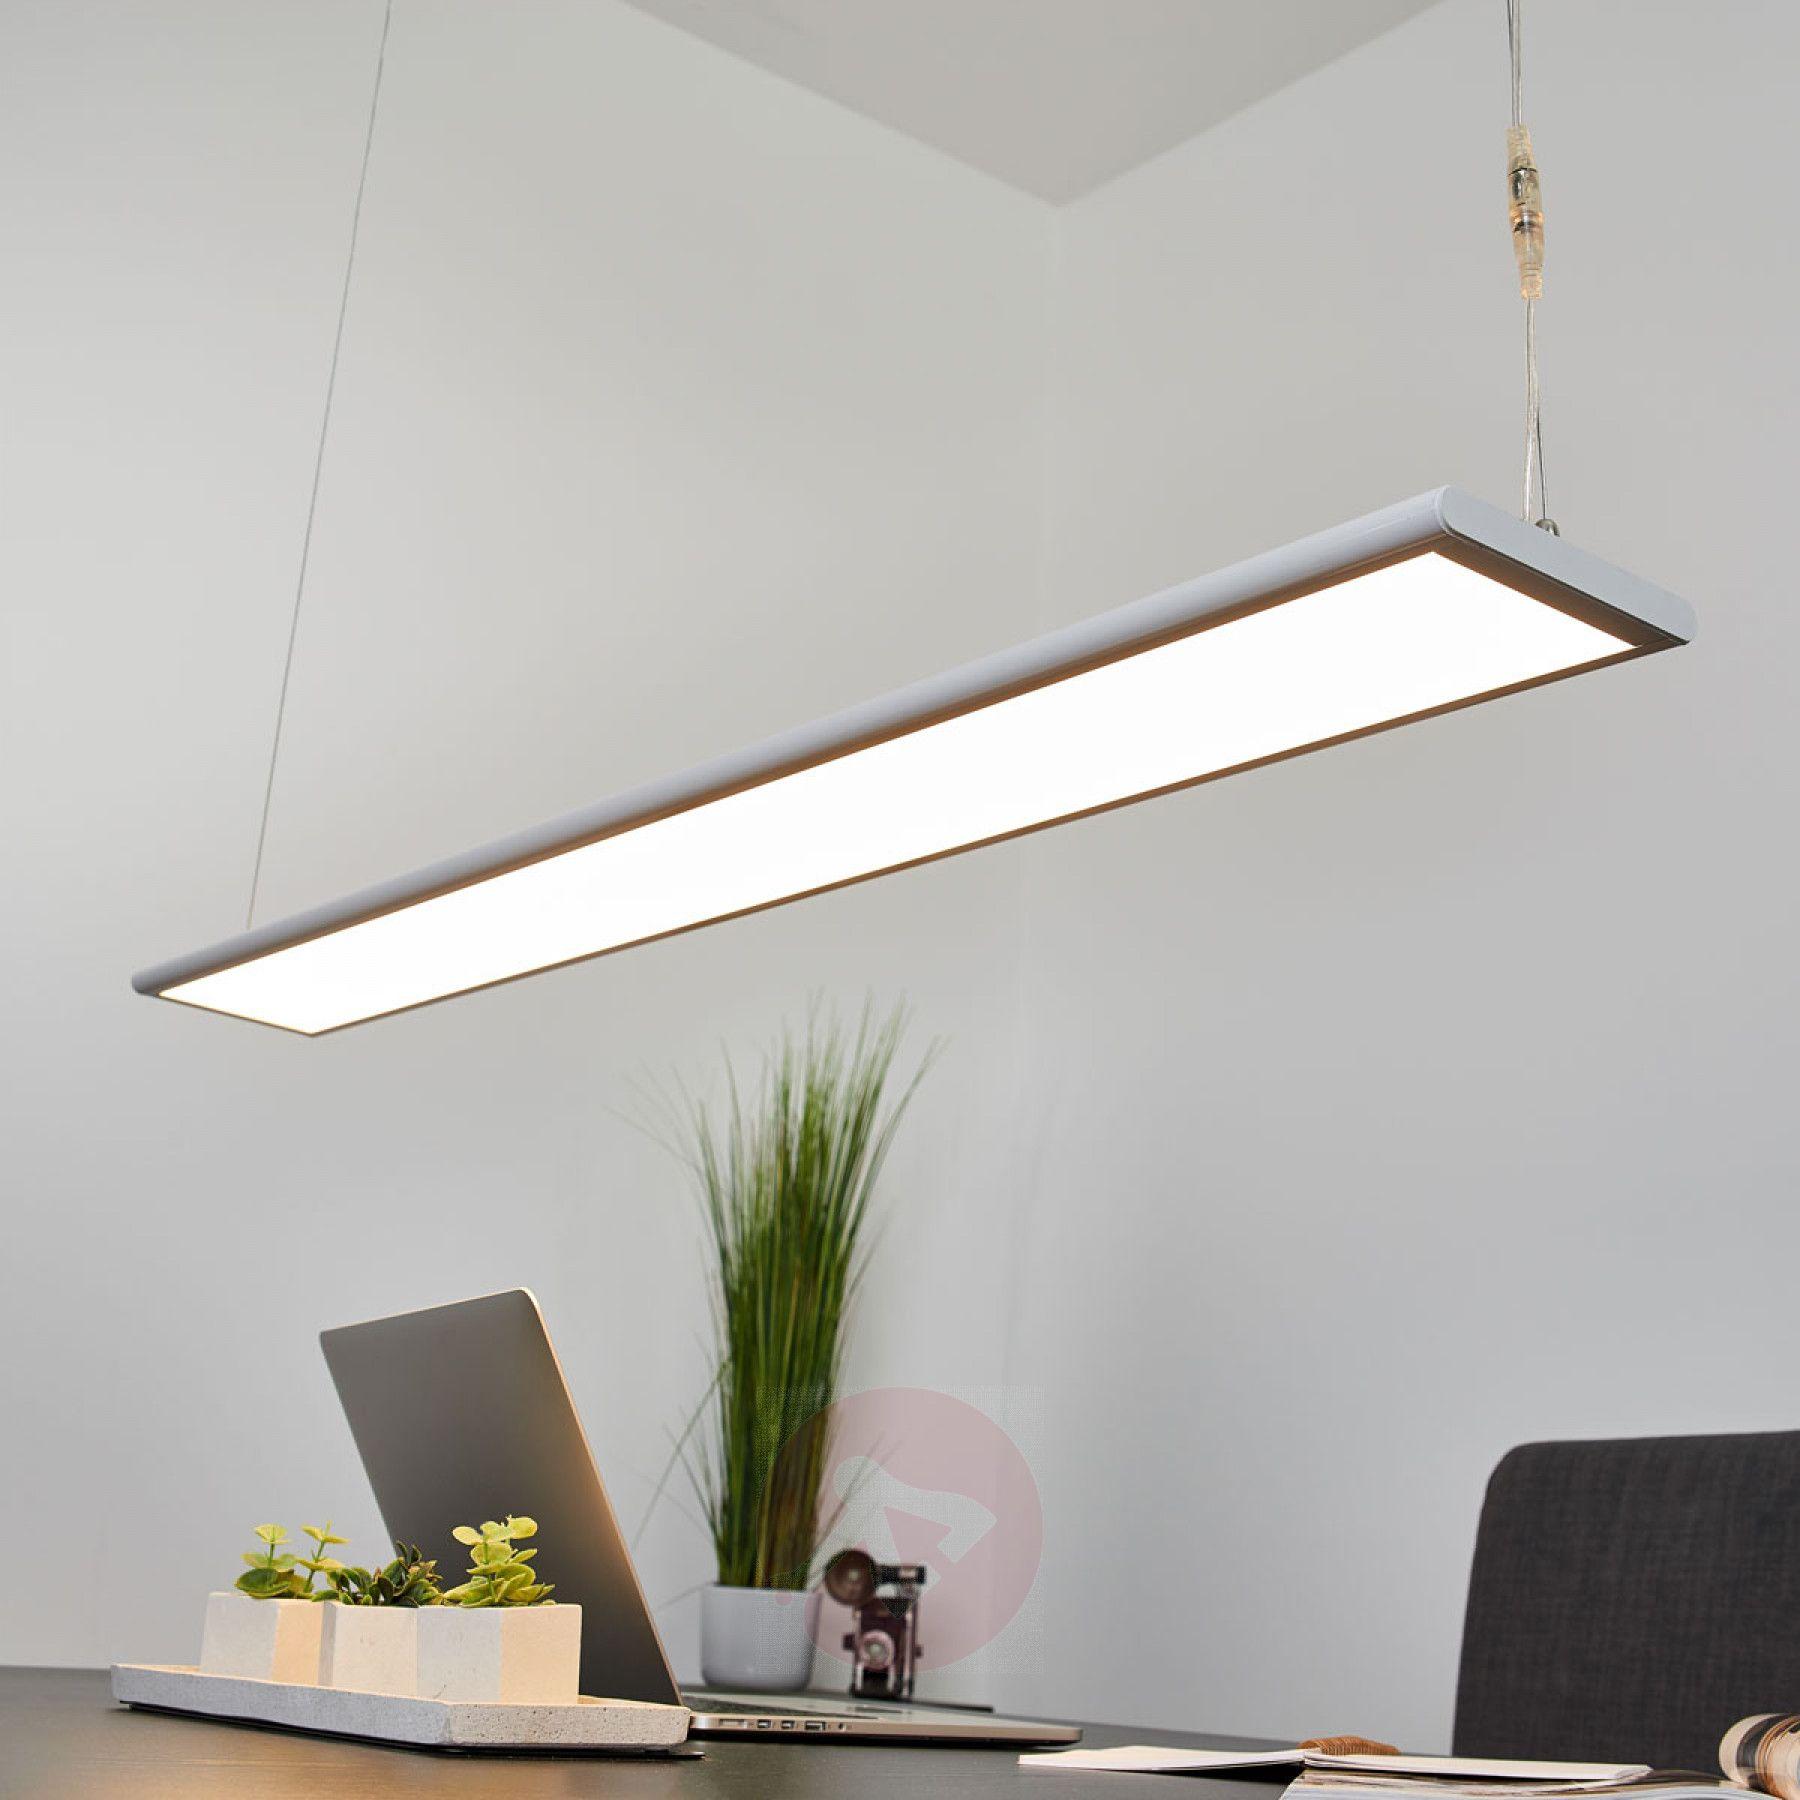 Dimmbare Led Buro Hangeleuchte Samu 40 5 W Kaufen Lampenwelt De Hangeleuchte Buro Deckenleuchte Beleuchtung